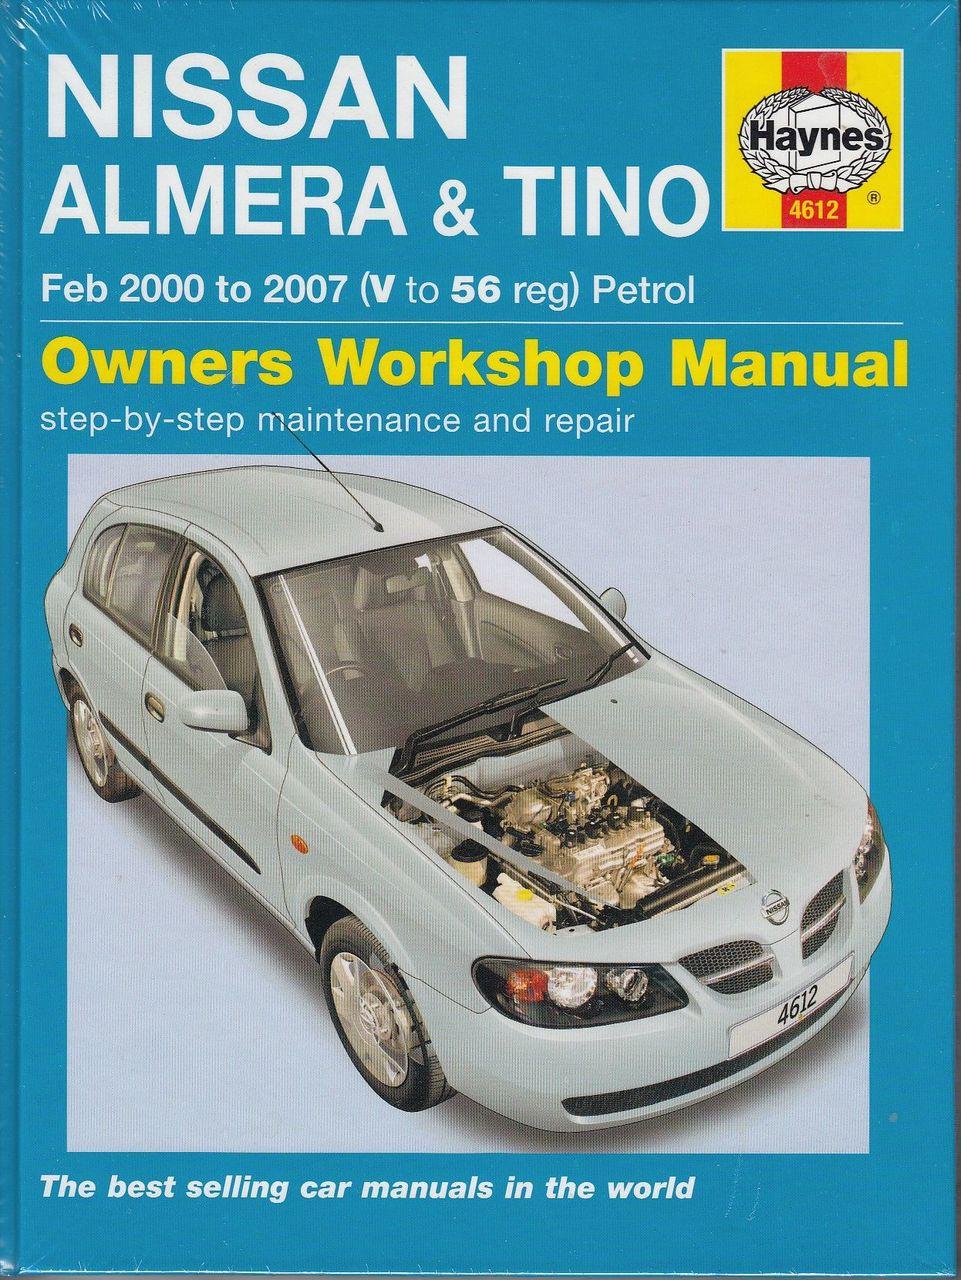 nissan almera tino 1 5 1 8 litre petrol 2000 2007 workshop manual rh automotobookshop com au Auto Repair Manuals Online Haynes Repair Manuals Mazda